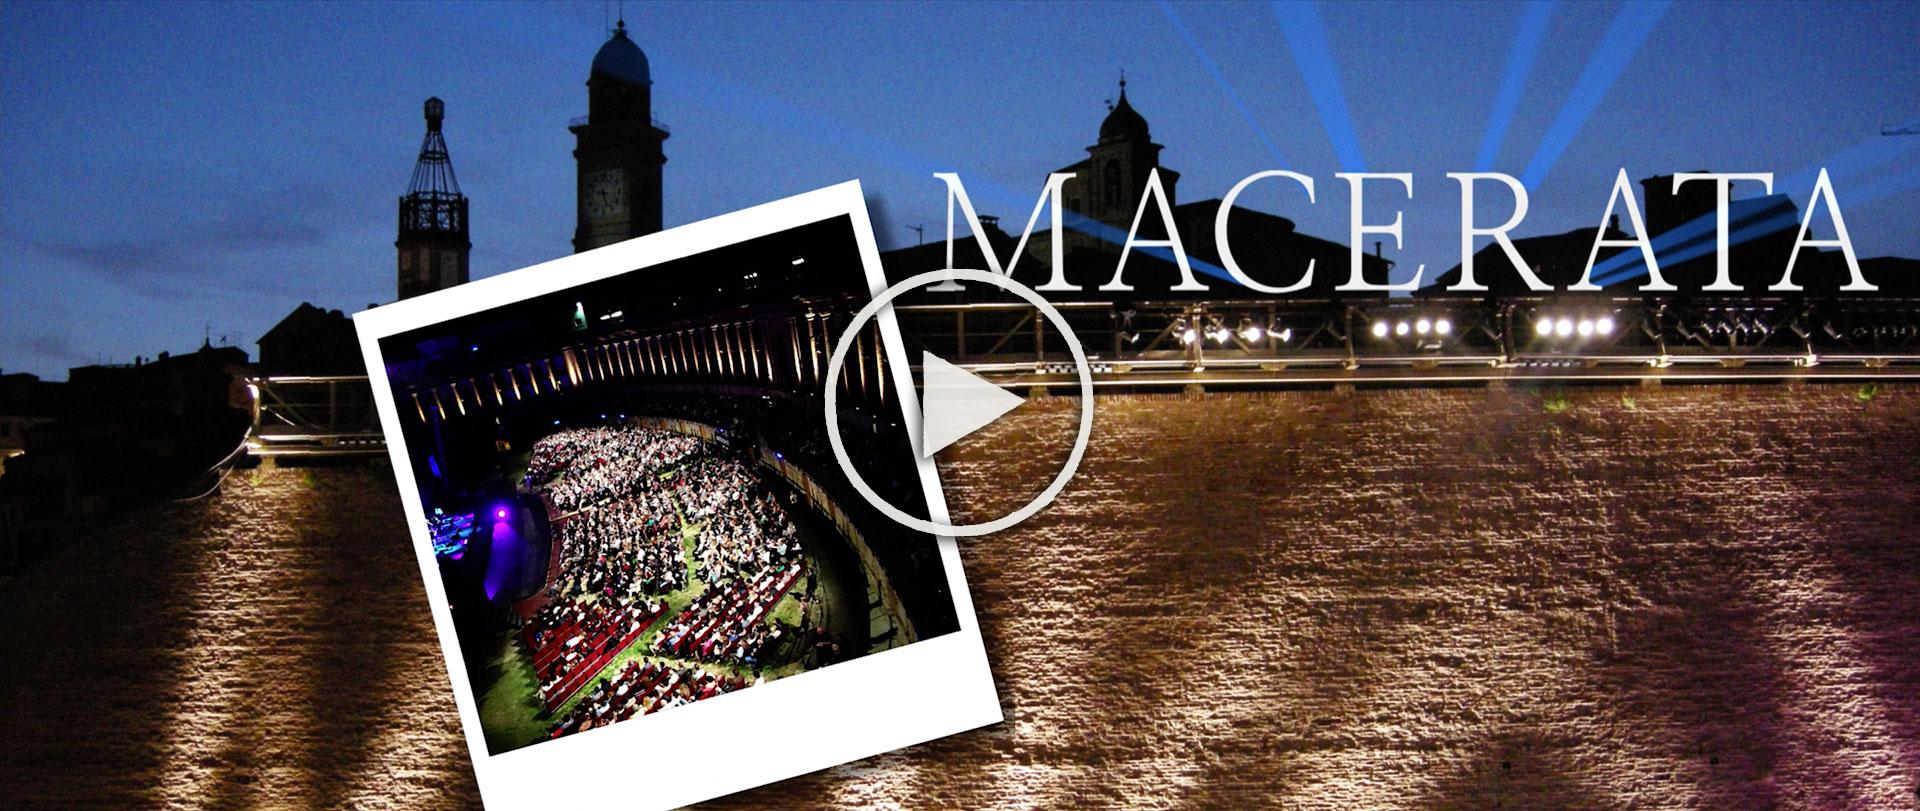 #portfolio #macerata #marche #Expo2015